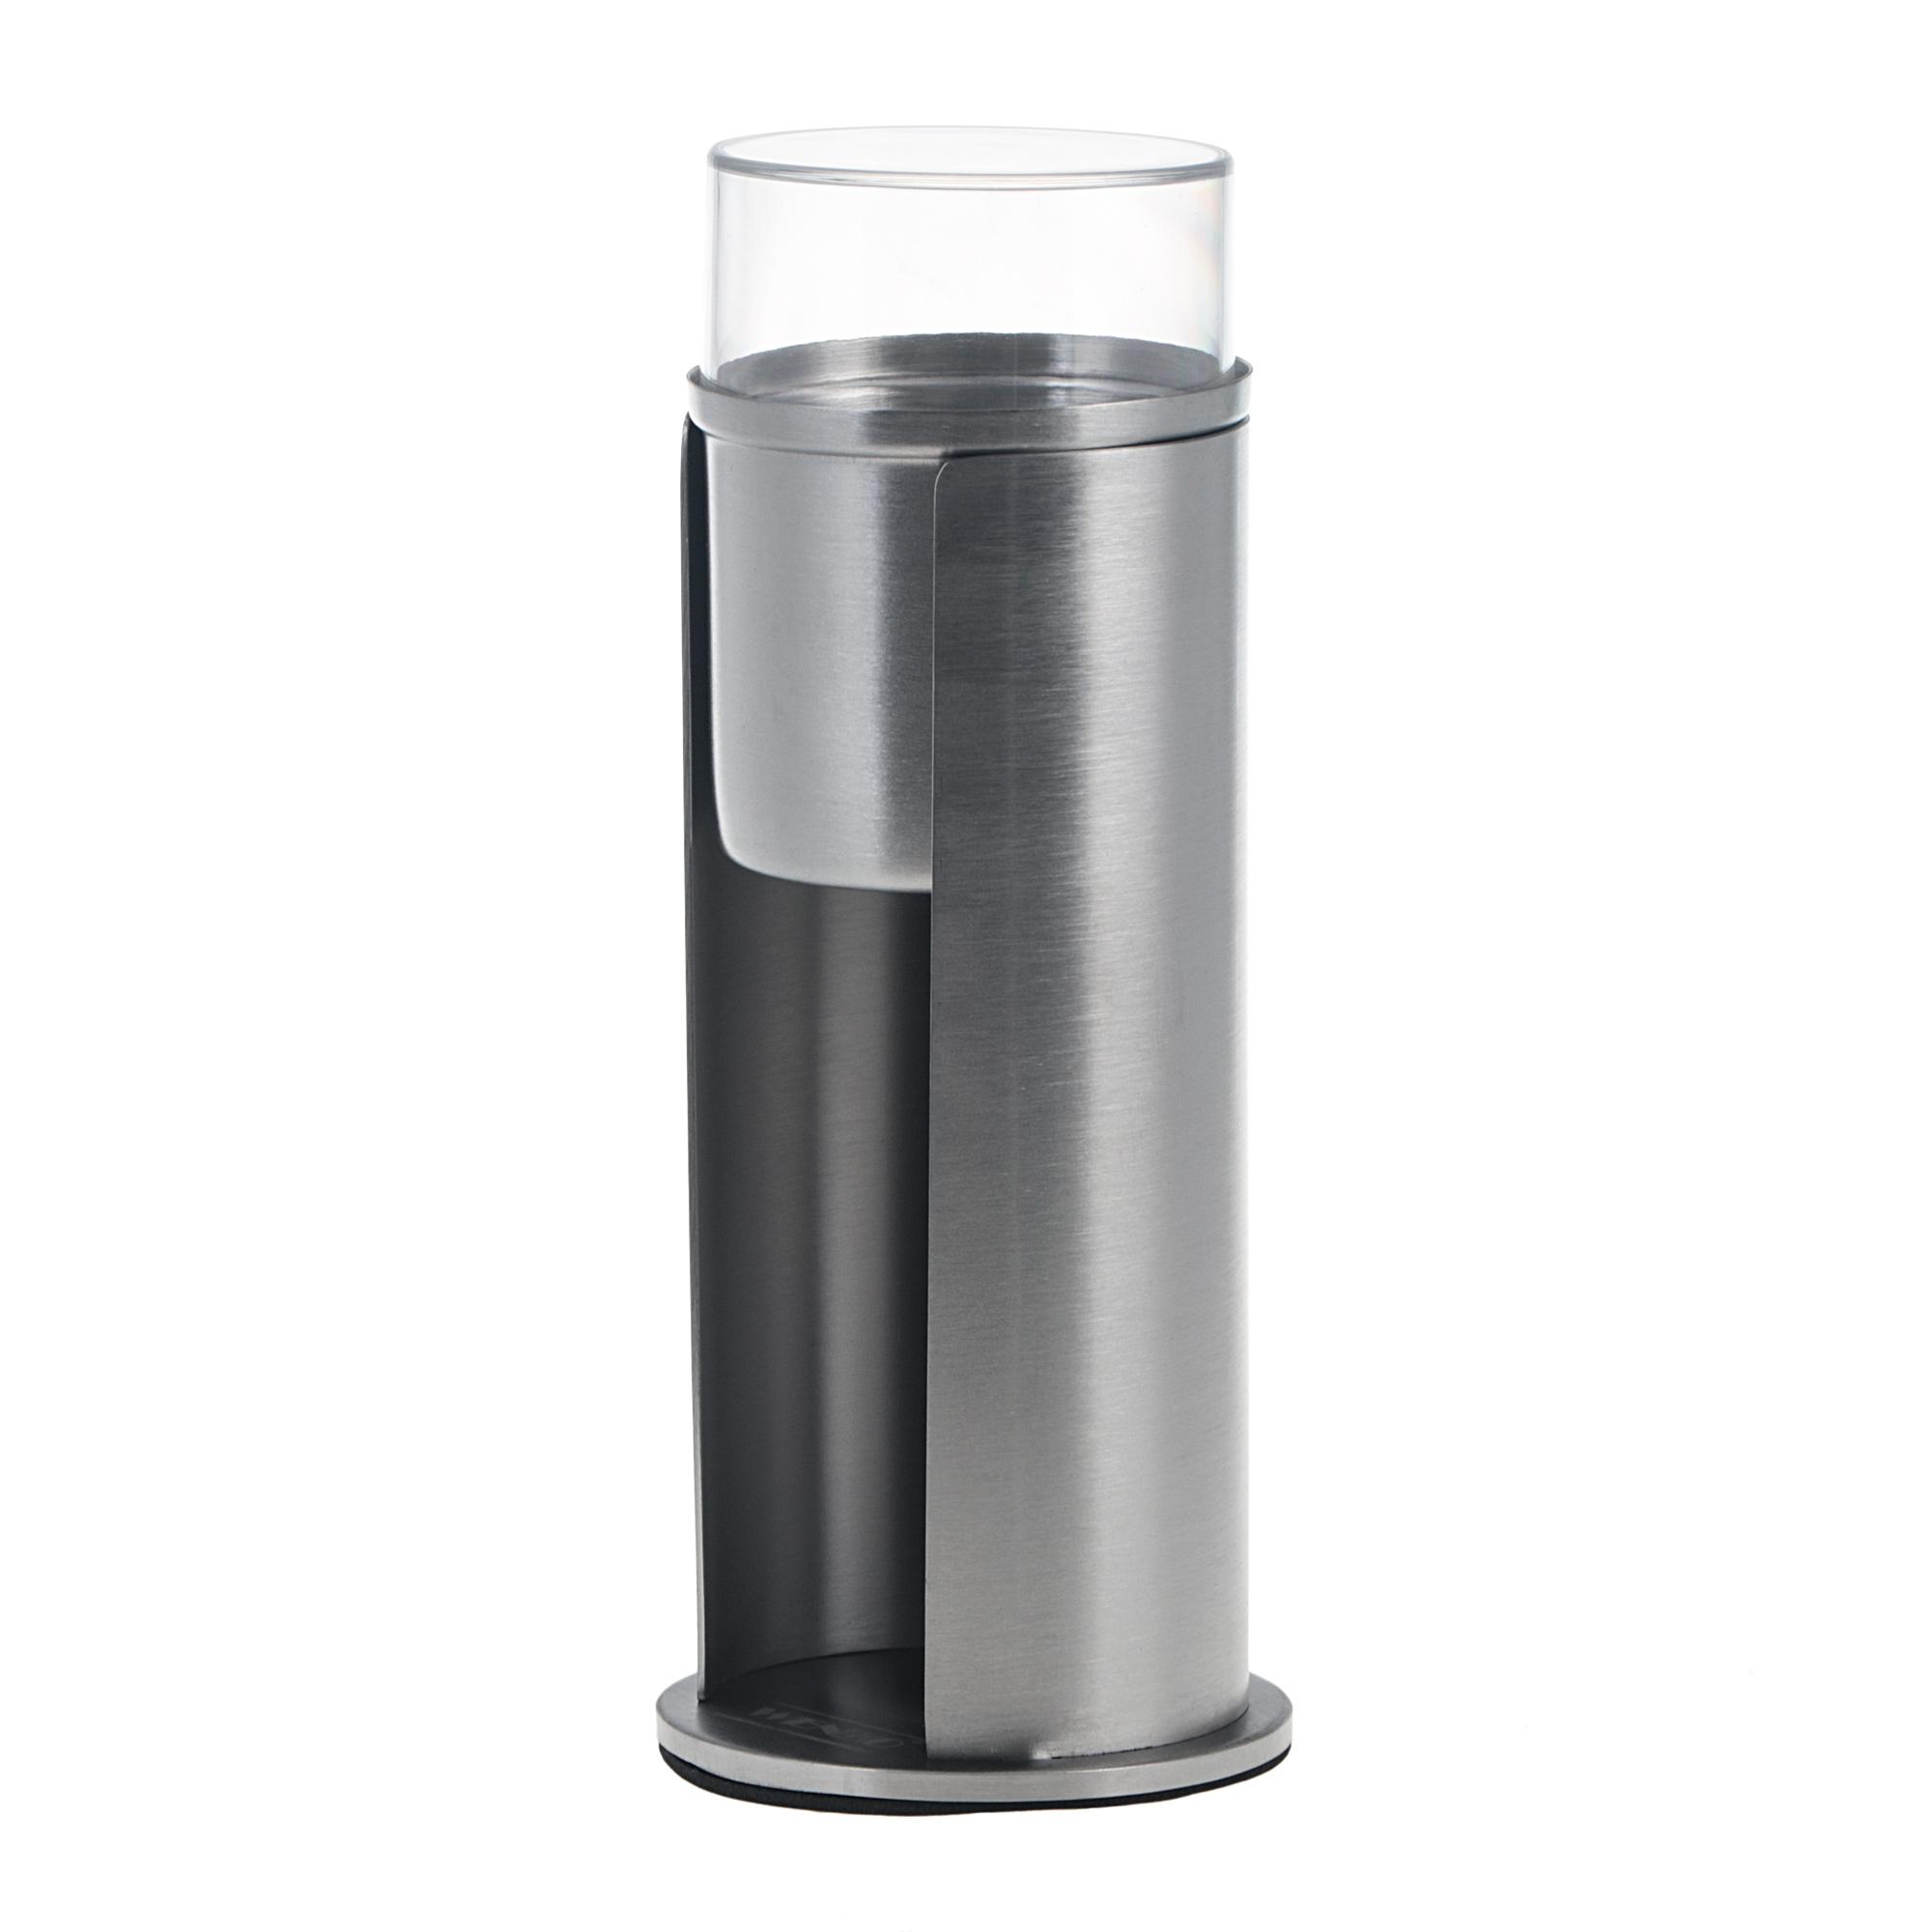 Держатель для ватных дисков Wenko sanitary firenze 7.5x18x7.5 см фото